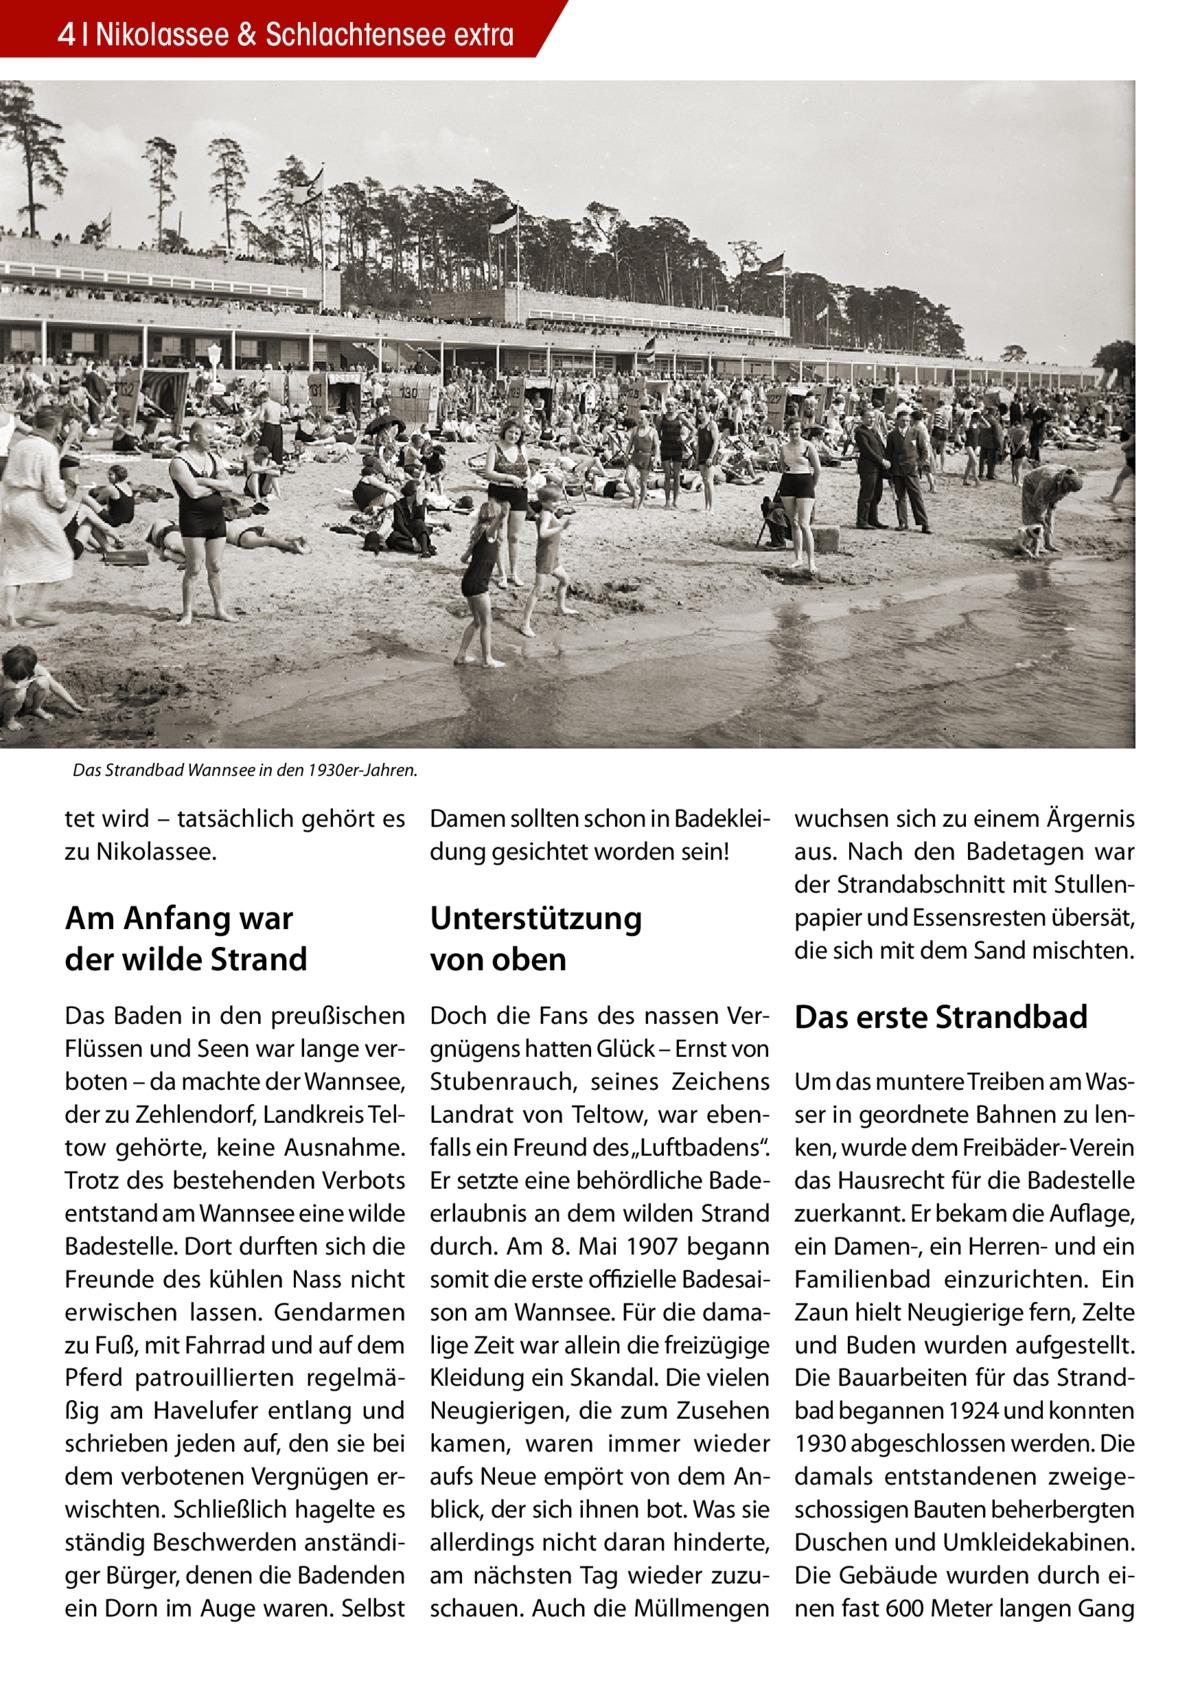 """4 Nikolassee & Schlachtensee extra  Das Strandbad Wannsee in den 1930er-Jahren.  tet wird – tatsächlich gehört es Damen sollten schon in Badeklei- wuchsen sich zu einem Ärgernis dung gesichtet worden sein! aus. Nach den Badetagen war zu Nikolassee. der Strandabschnitt mit Stullenpapier und Essensresten übersät, Am Anfang war Unterstützung die sich mit dem Sand mischten. der wilde Strand von oben Das Baden in den preußischen Flüssen und Seen war lange verboten – da machte der Wannsee, der zu Zehlendorf, Landkreis Teltow gehörte, keine Ausnahme. Trotz des bestehenden Verbots entstand am Wannsee eine wilde Badestelle. Dort durften sich die Freunde des kühlen Nass nicht erwischen lassen. Gendarmen zu Fuß, mit Fahrrad und auf dem Pferd patrouillierten regelmäßig am Havelufer entlang und schrieben jeden auf, den sie bei dem verbotenen Vergnügen erwischten. Schließlich hagelte es ständig Beschwerden anständiger Bürger, denen die Badenden ein Dorn im Auge waren. Selbst  Doch die Fans des nassen Vergnügens hatten Glück – Ernst von Stubenrauch, seines Zeichens Landrat von Teltow, war ebenfalls ein Freund des """"Luftbadens"""". Er setzte eine behördliche Badeerlaubnis an dem wilden Strand durch. Am 8.Mai 1907 begann somit die erste offizielle Badesaison am Wannsee. Für die damalige Zeit war allein die freizügige Kleidung ein Skandal. Die vielen Neugierigen, die zum Zusehen kamen, waren immer wieder aufs Neue empört von dem Anblick, der sich ihnen bot. Was sie allerdings nicht daran hinderte, am nächsten Tag wieder zuzuschauen. Auch die Müllmengen  Das erste Strandbad Um das muntere Treiben am Wasser in geordnete Bahnen zu lenken, wurde dem Freibäder- Verein das Hausrecht für die Badestelle zuerkannt. Er bekam die Auflage, ein Damen-, ein Herren- und ein Familienbad einzurichten. Ein Zaun hielt Neugierige fern, Zelte und Buden wurden aufgestellt. Die Bauarbeiten für das Strandbad begannen 1924 und konnten 1930 abgeschlossen werden. Die damals entstandenen zweigeschossigen Bauten beh"""